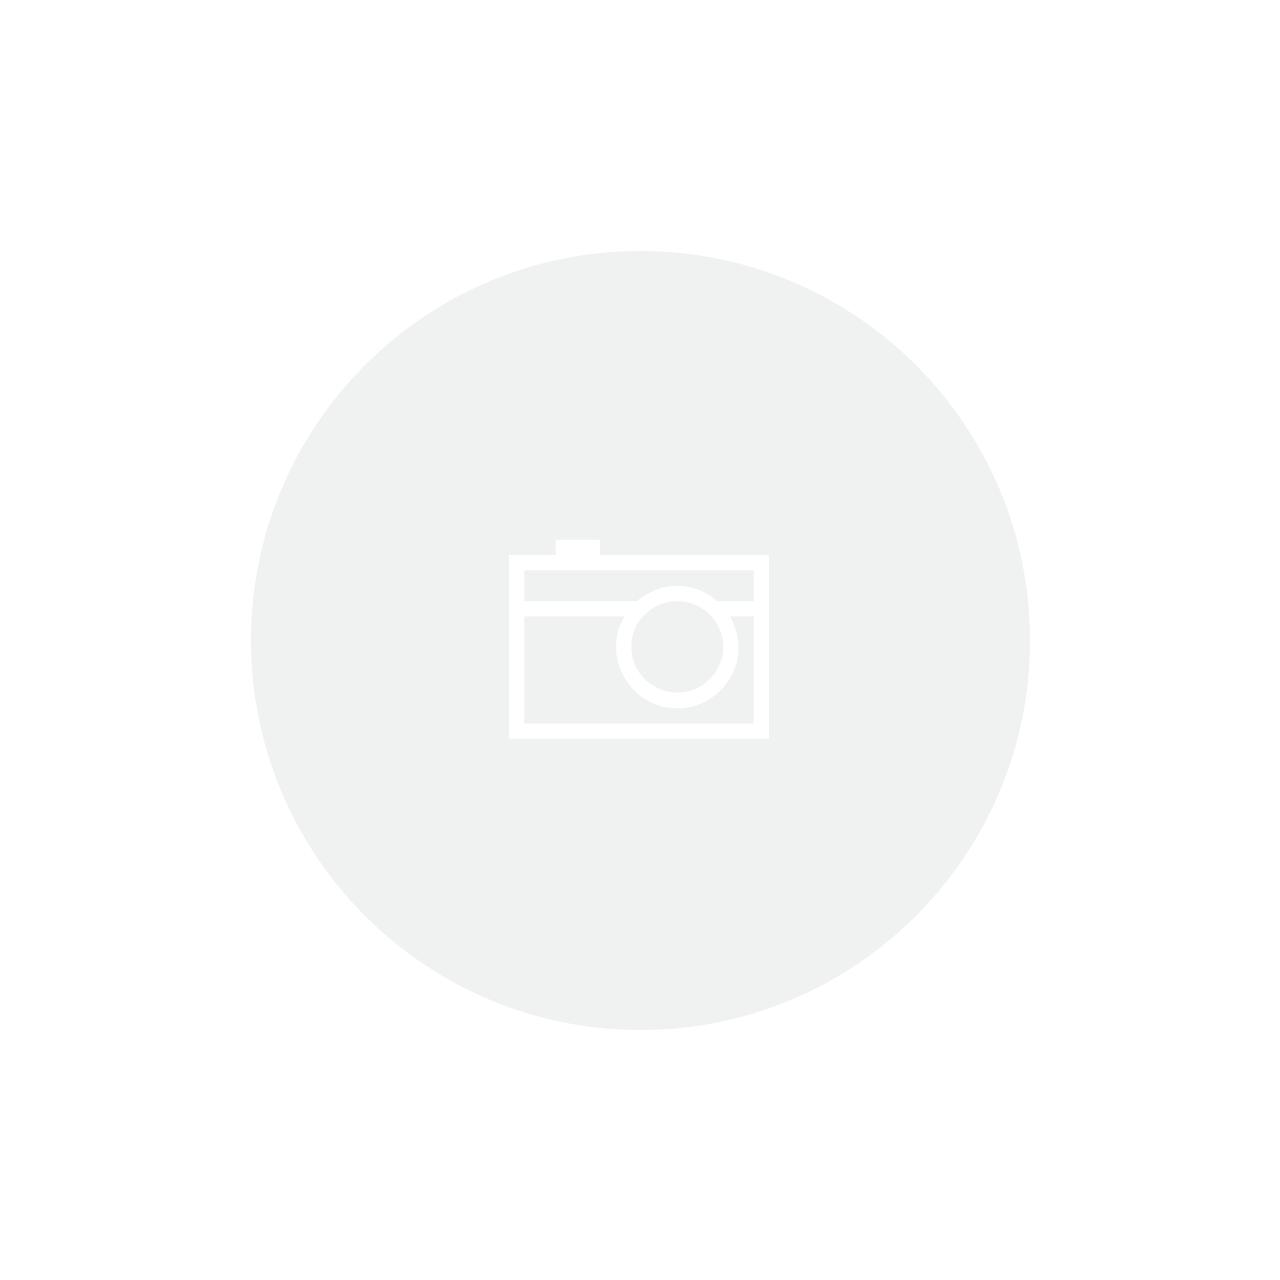 Relé de Estado Sólido 10A - SSR-4810